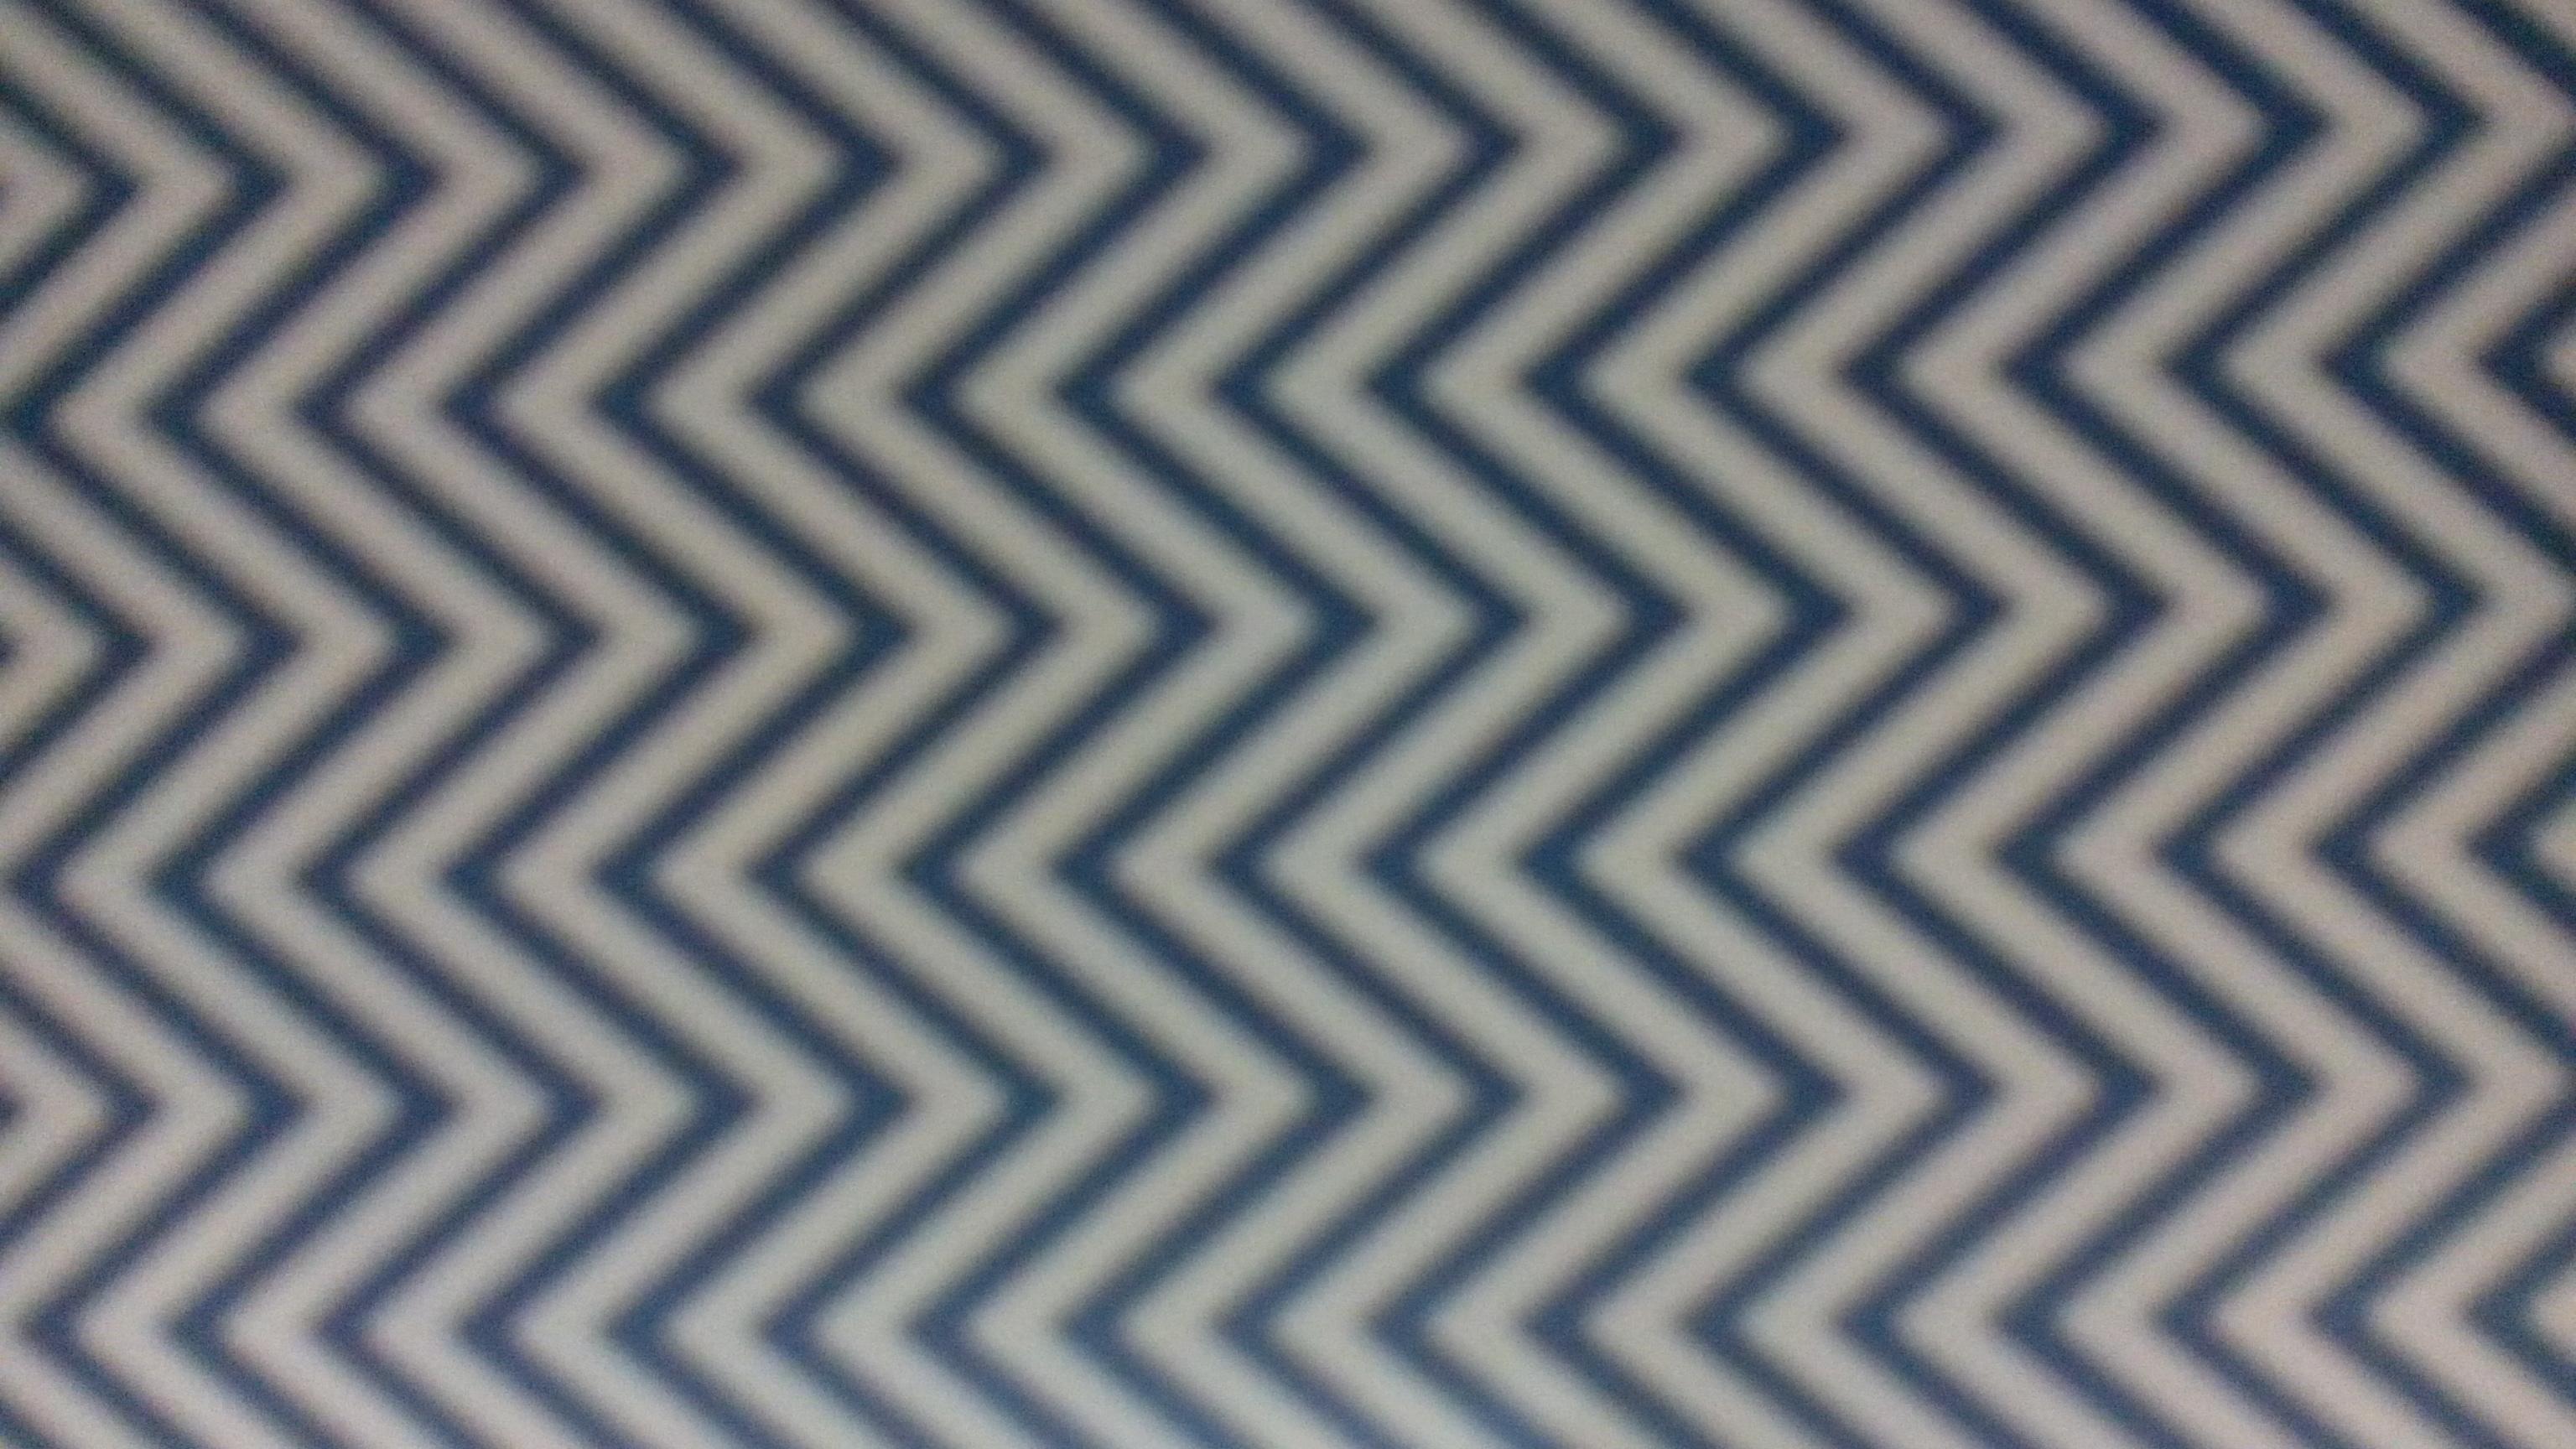 Textura rugosa a base de líneas